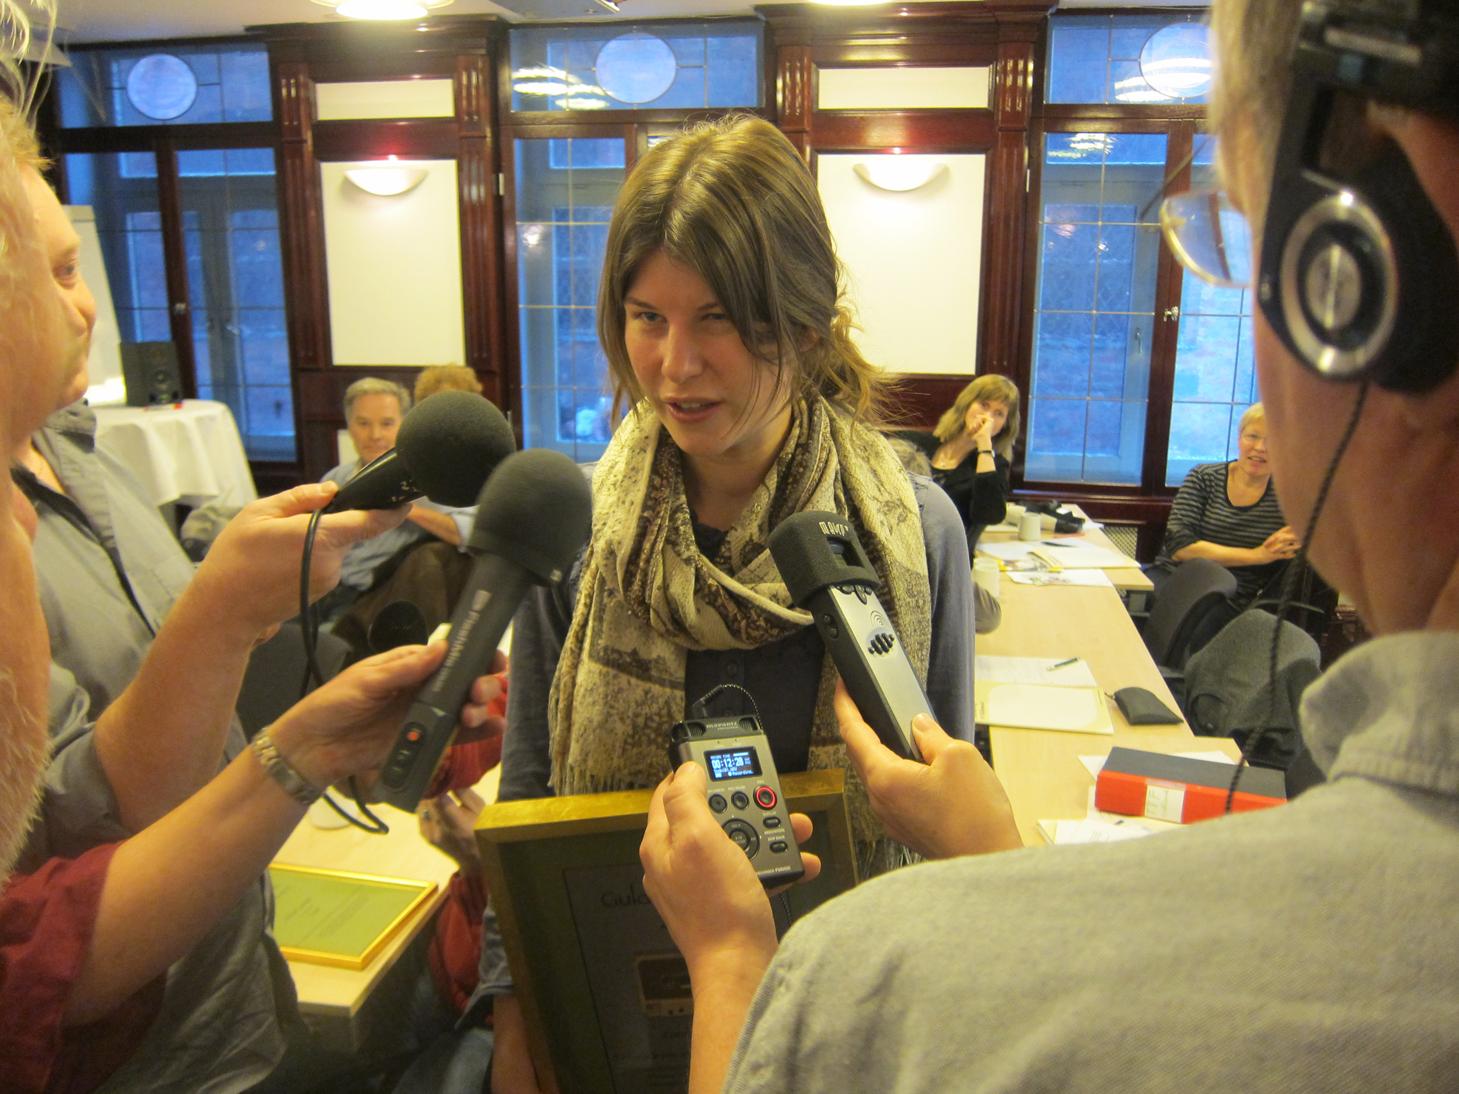 """Zandra Classon, vinnare av Guldkassetten 2012, berättar med fyra mikrofoner framför sig om sitt vinnande reportage """"Det smakar som att hänga ut tungan i regnvädret"""". Zandra är lång och smal, hon har brunt hår i mittbena och en sjal löst lindad om halsen."""